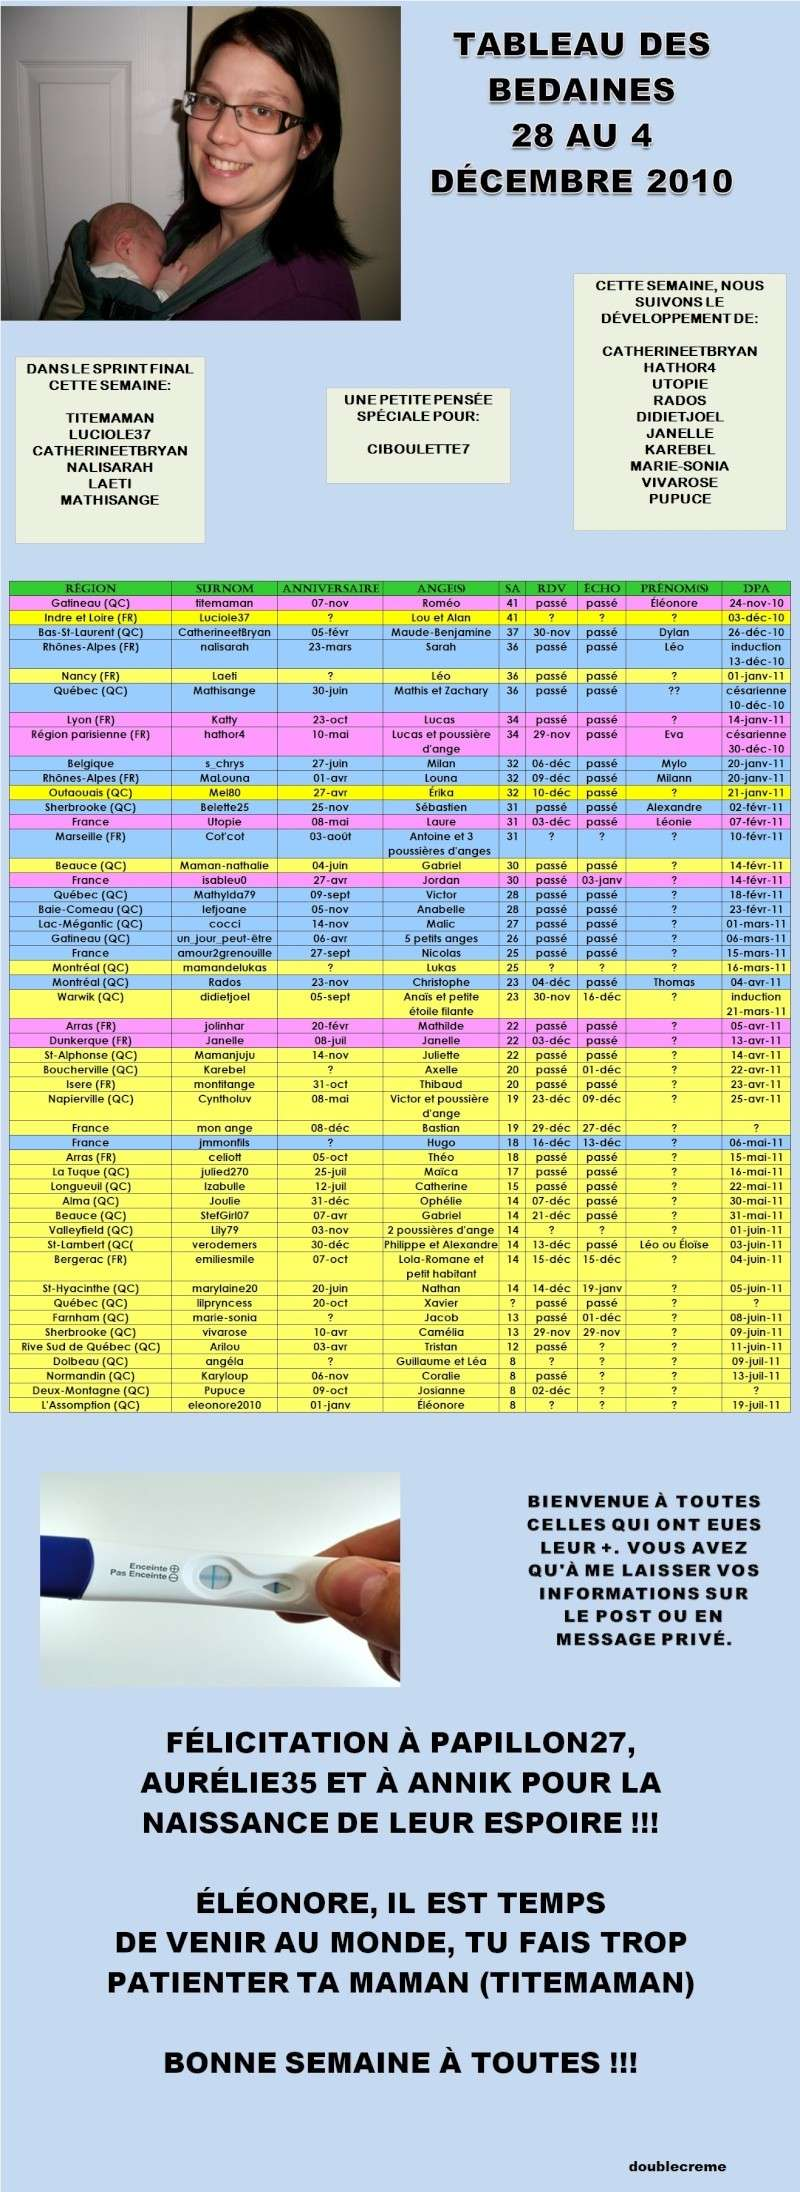 TABLEAU DES BEDAINES 28-4 DÉCEMBRE 2010 Tablea21